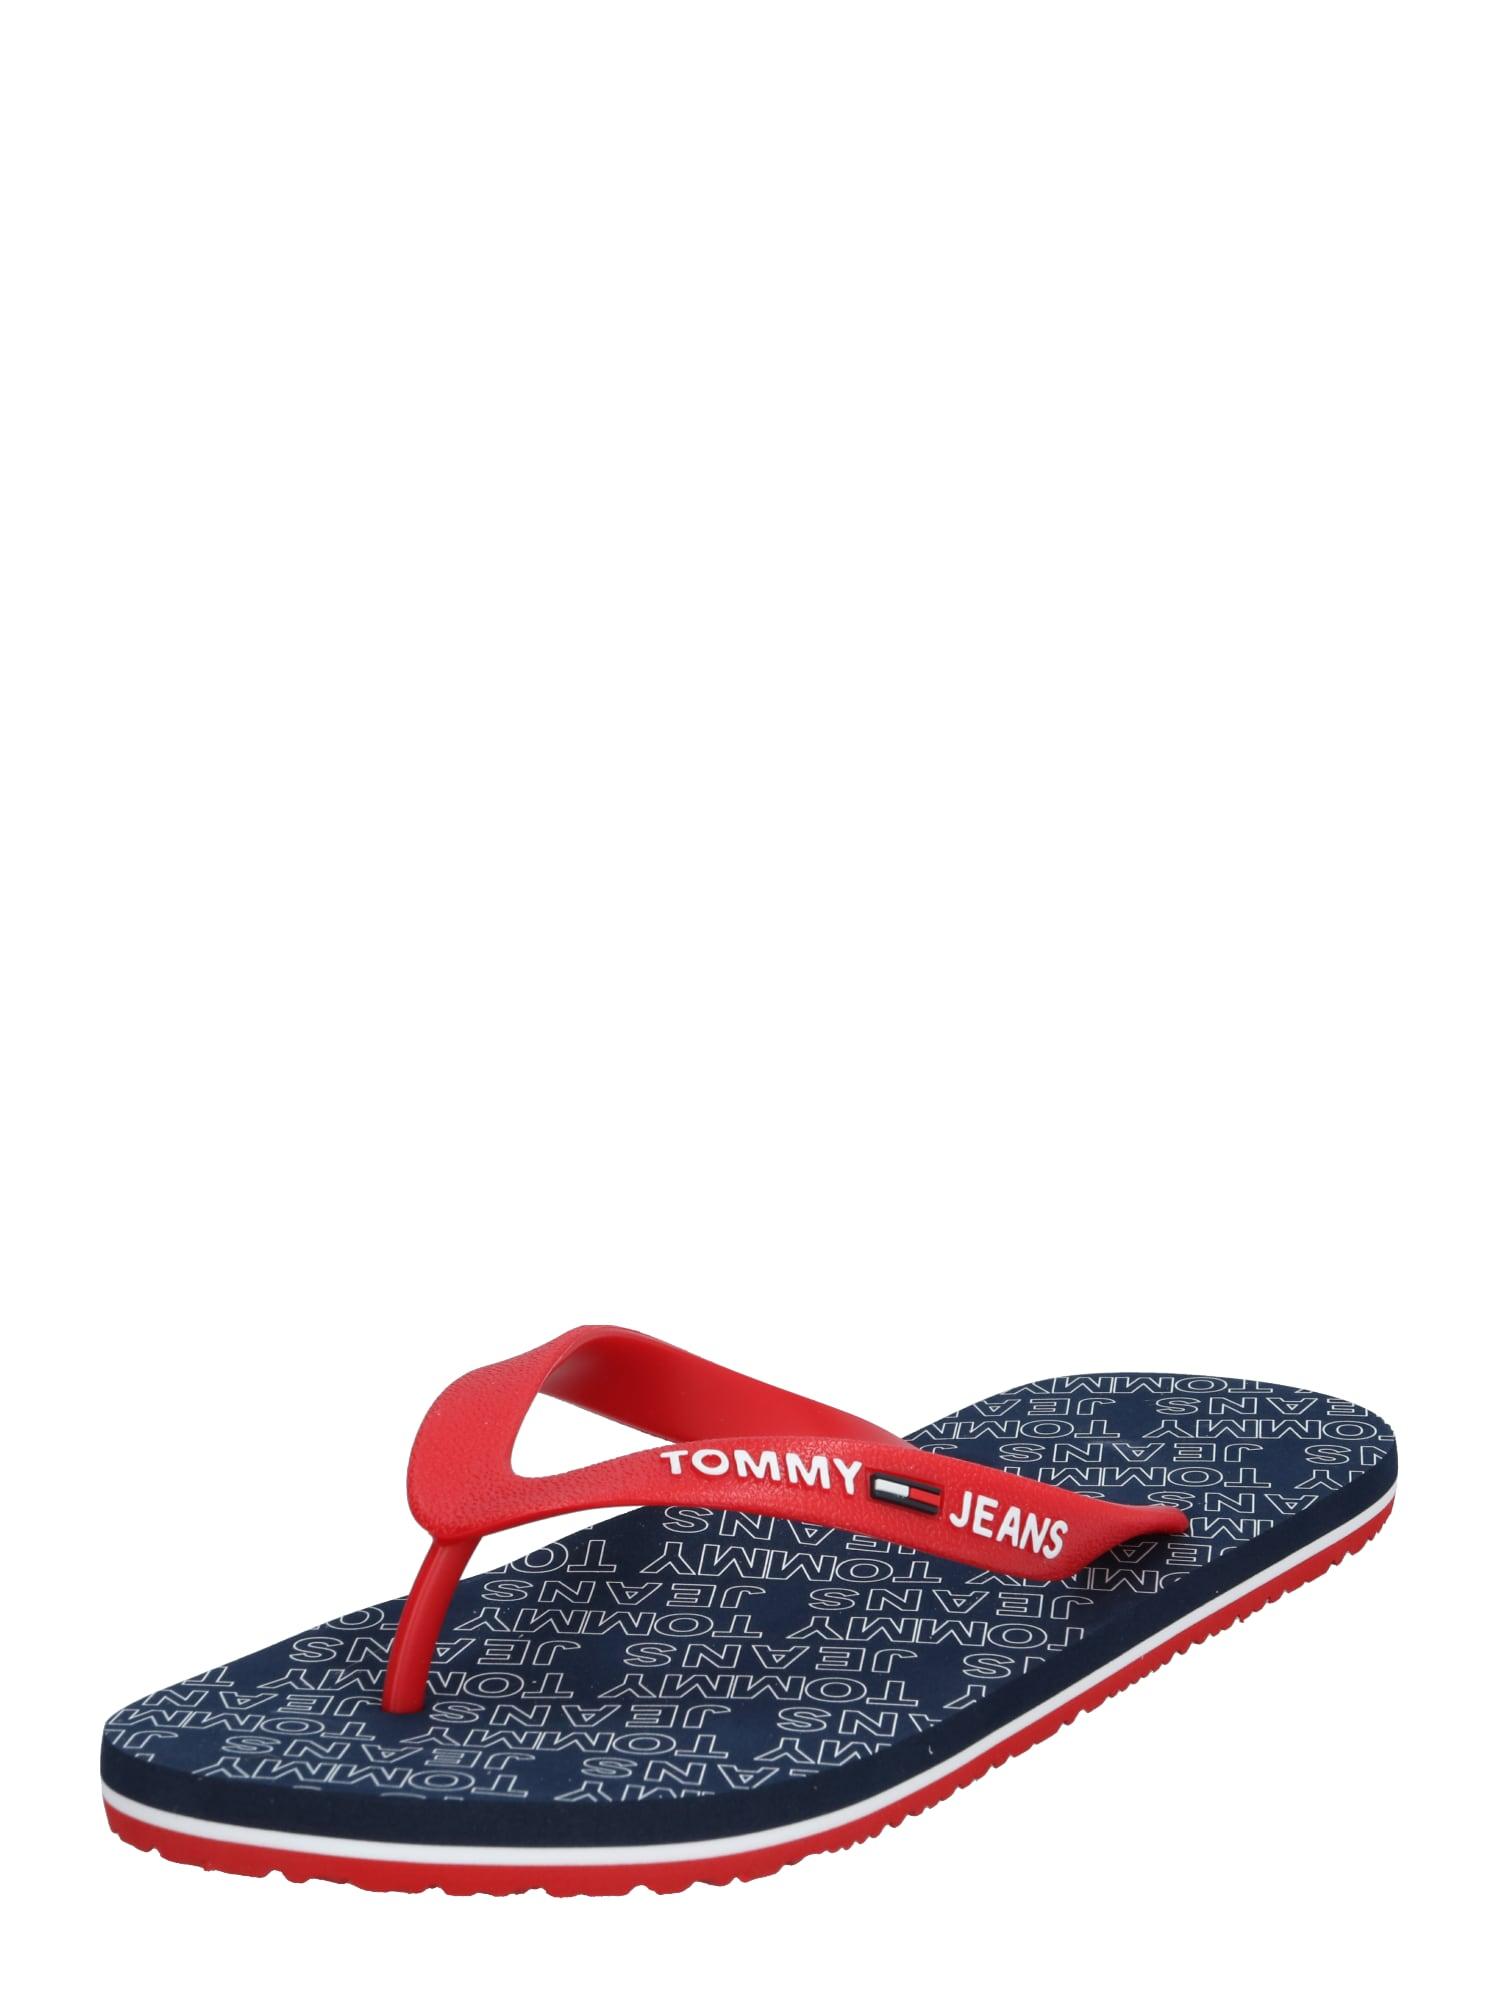 Tommy Jeans Šlepetės per pirštą 'REPEAT PRINT BEACH SANDAL' raudona / tamsiai mėlyna